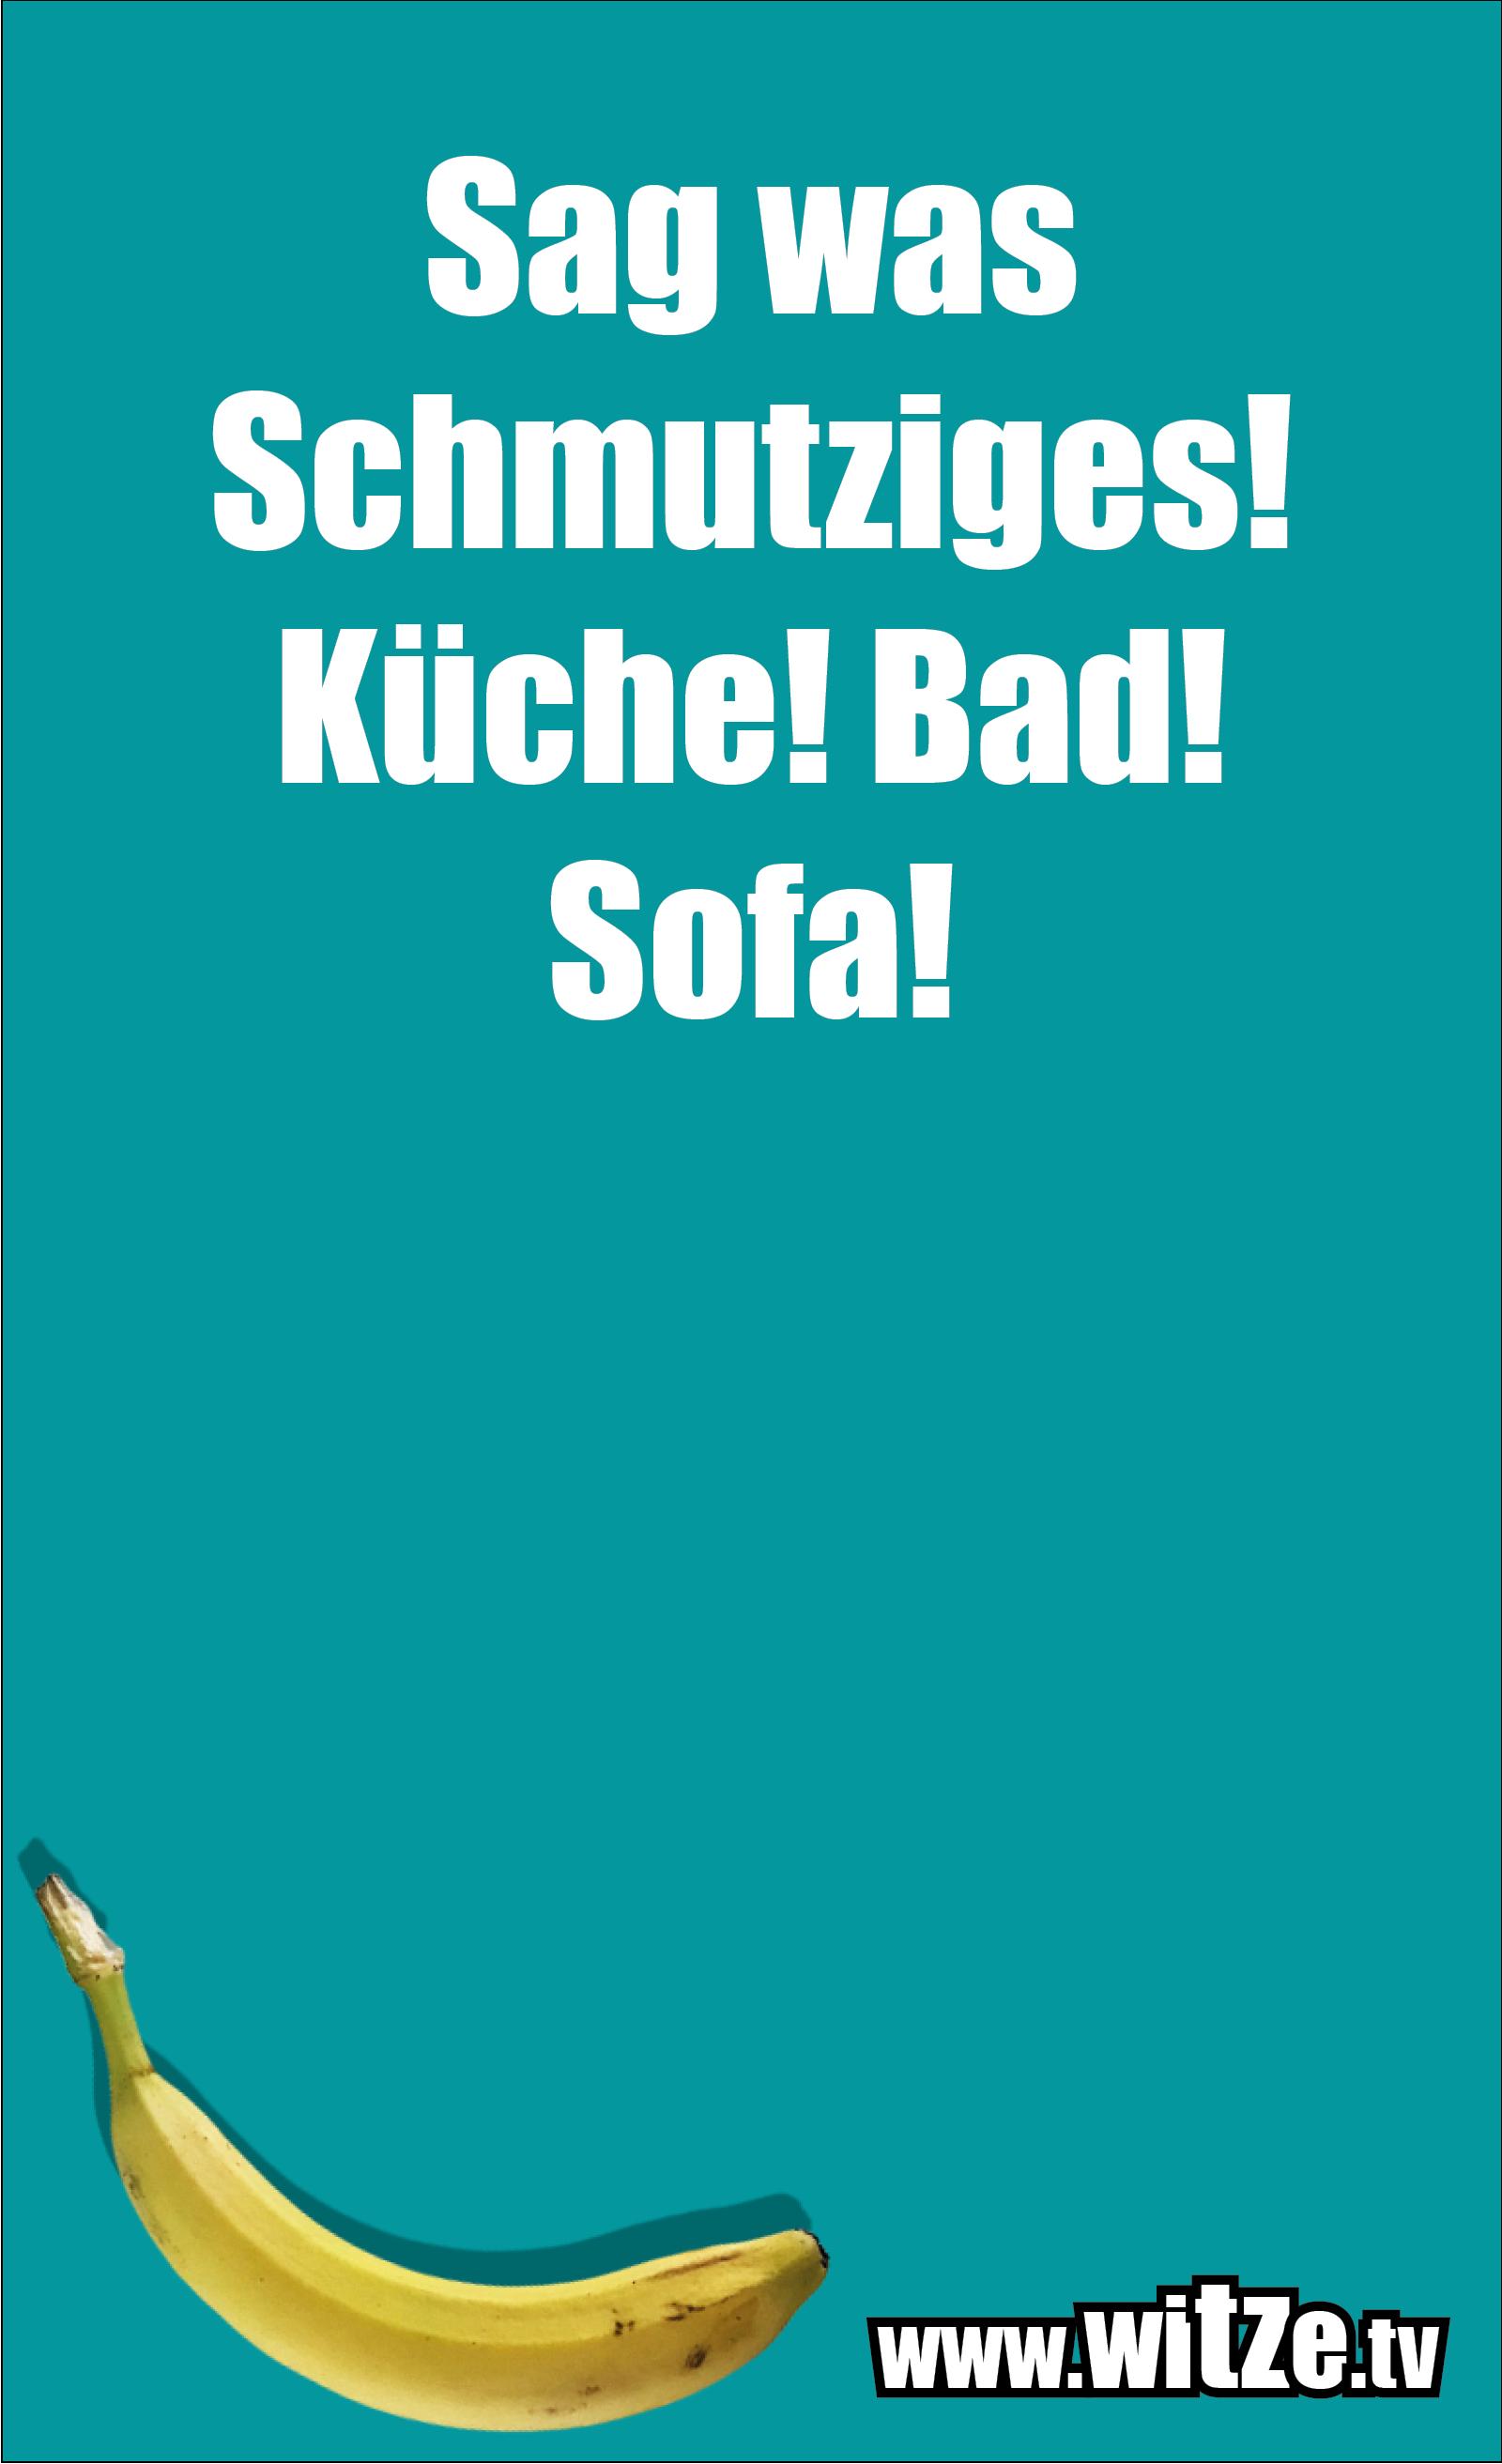 Sarkasmus Sprüche: Sag was Schmutziges! Küche! Bad! Sofa!